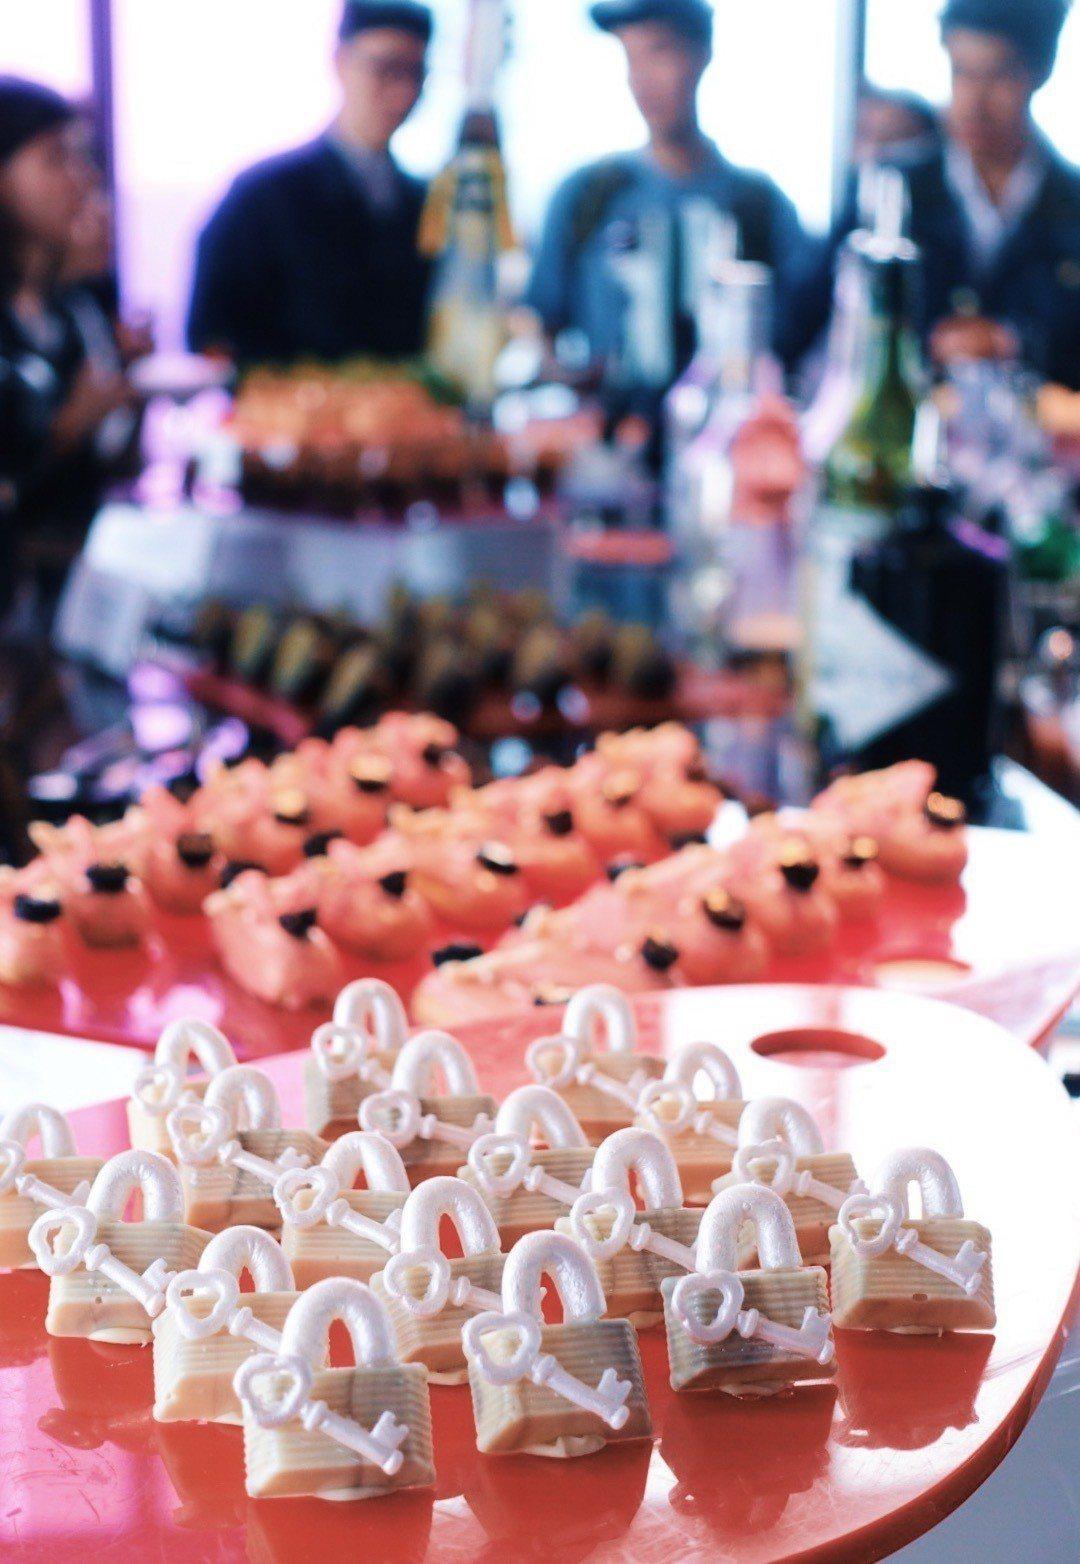 狂艷之鑰巧克力,以Daniel Wong品牌經典鑰匙為靈感。記者沈佩臻/攝影